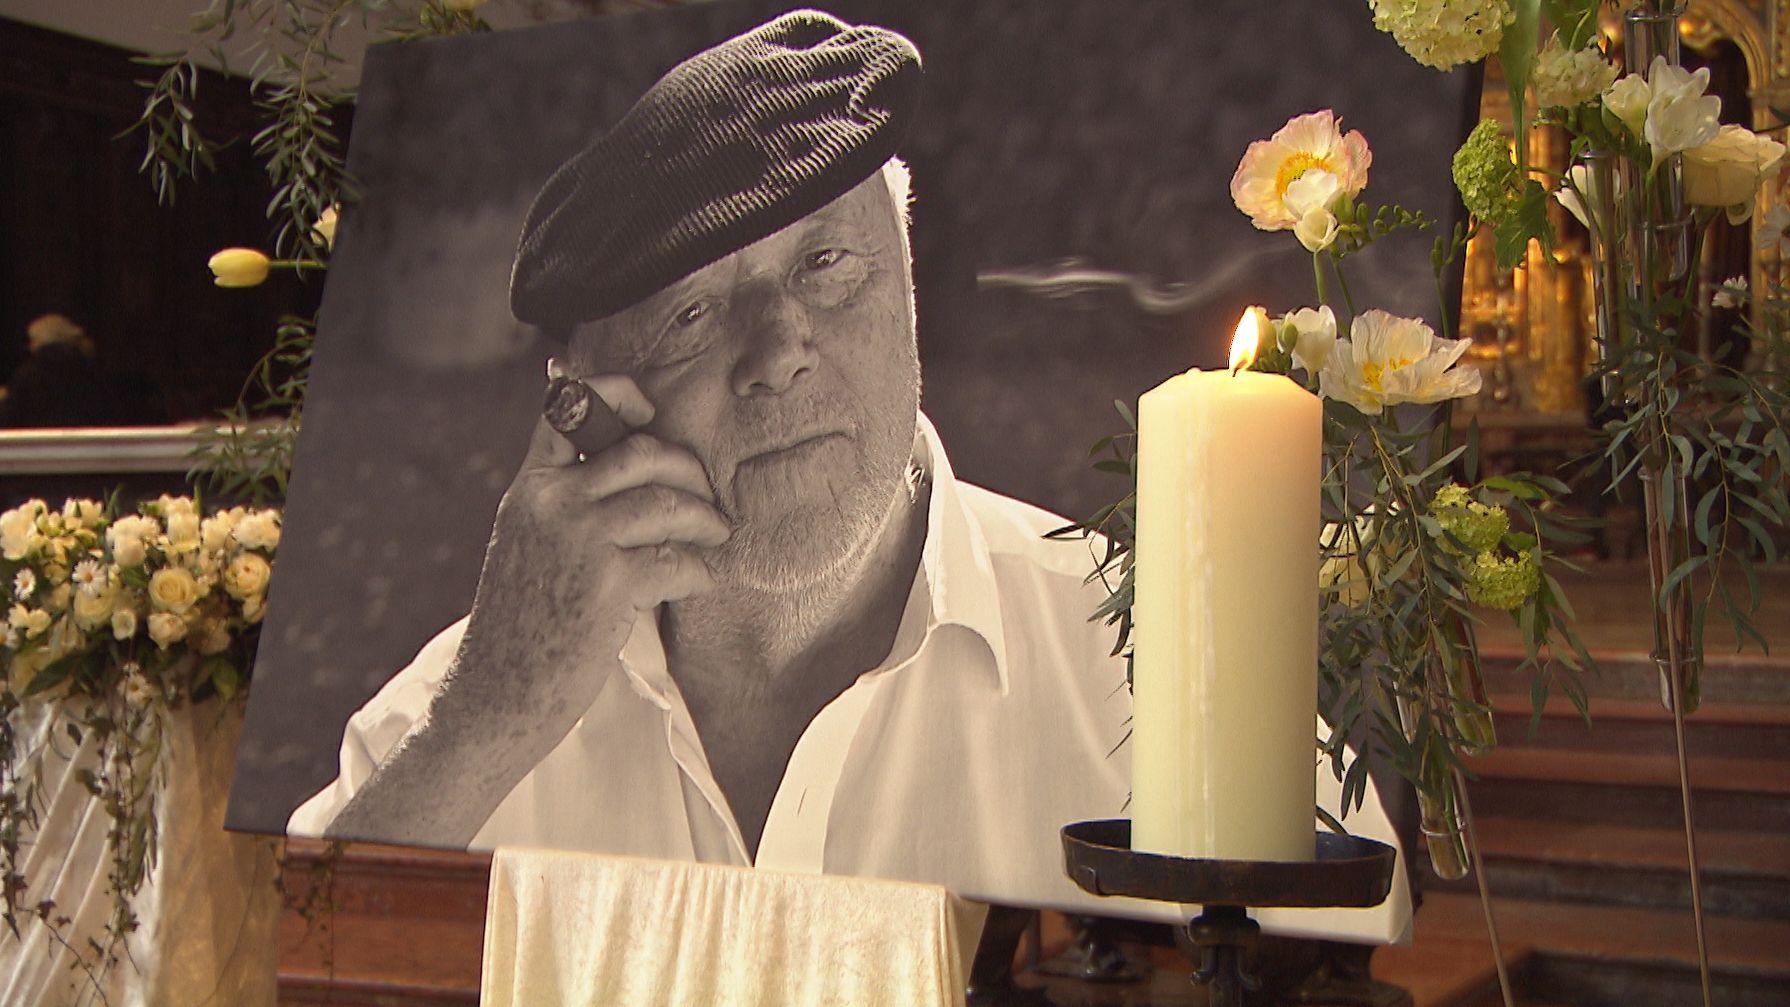 In München haben Freunde, Weggefährten und Fans Abschied von dem verstorbenen Filmemacher Joseph Vilsmaier genommen.